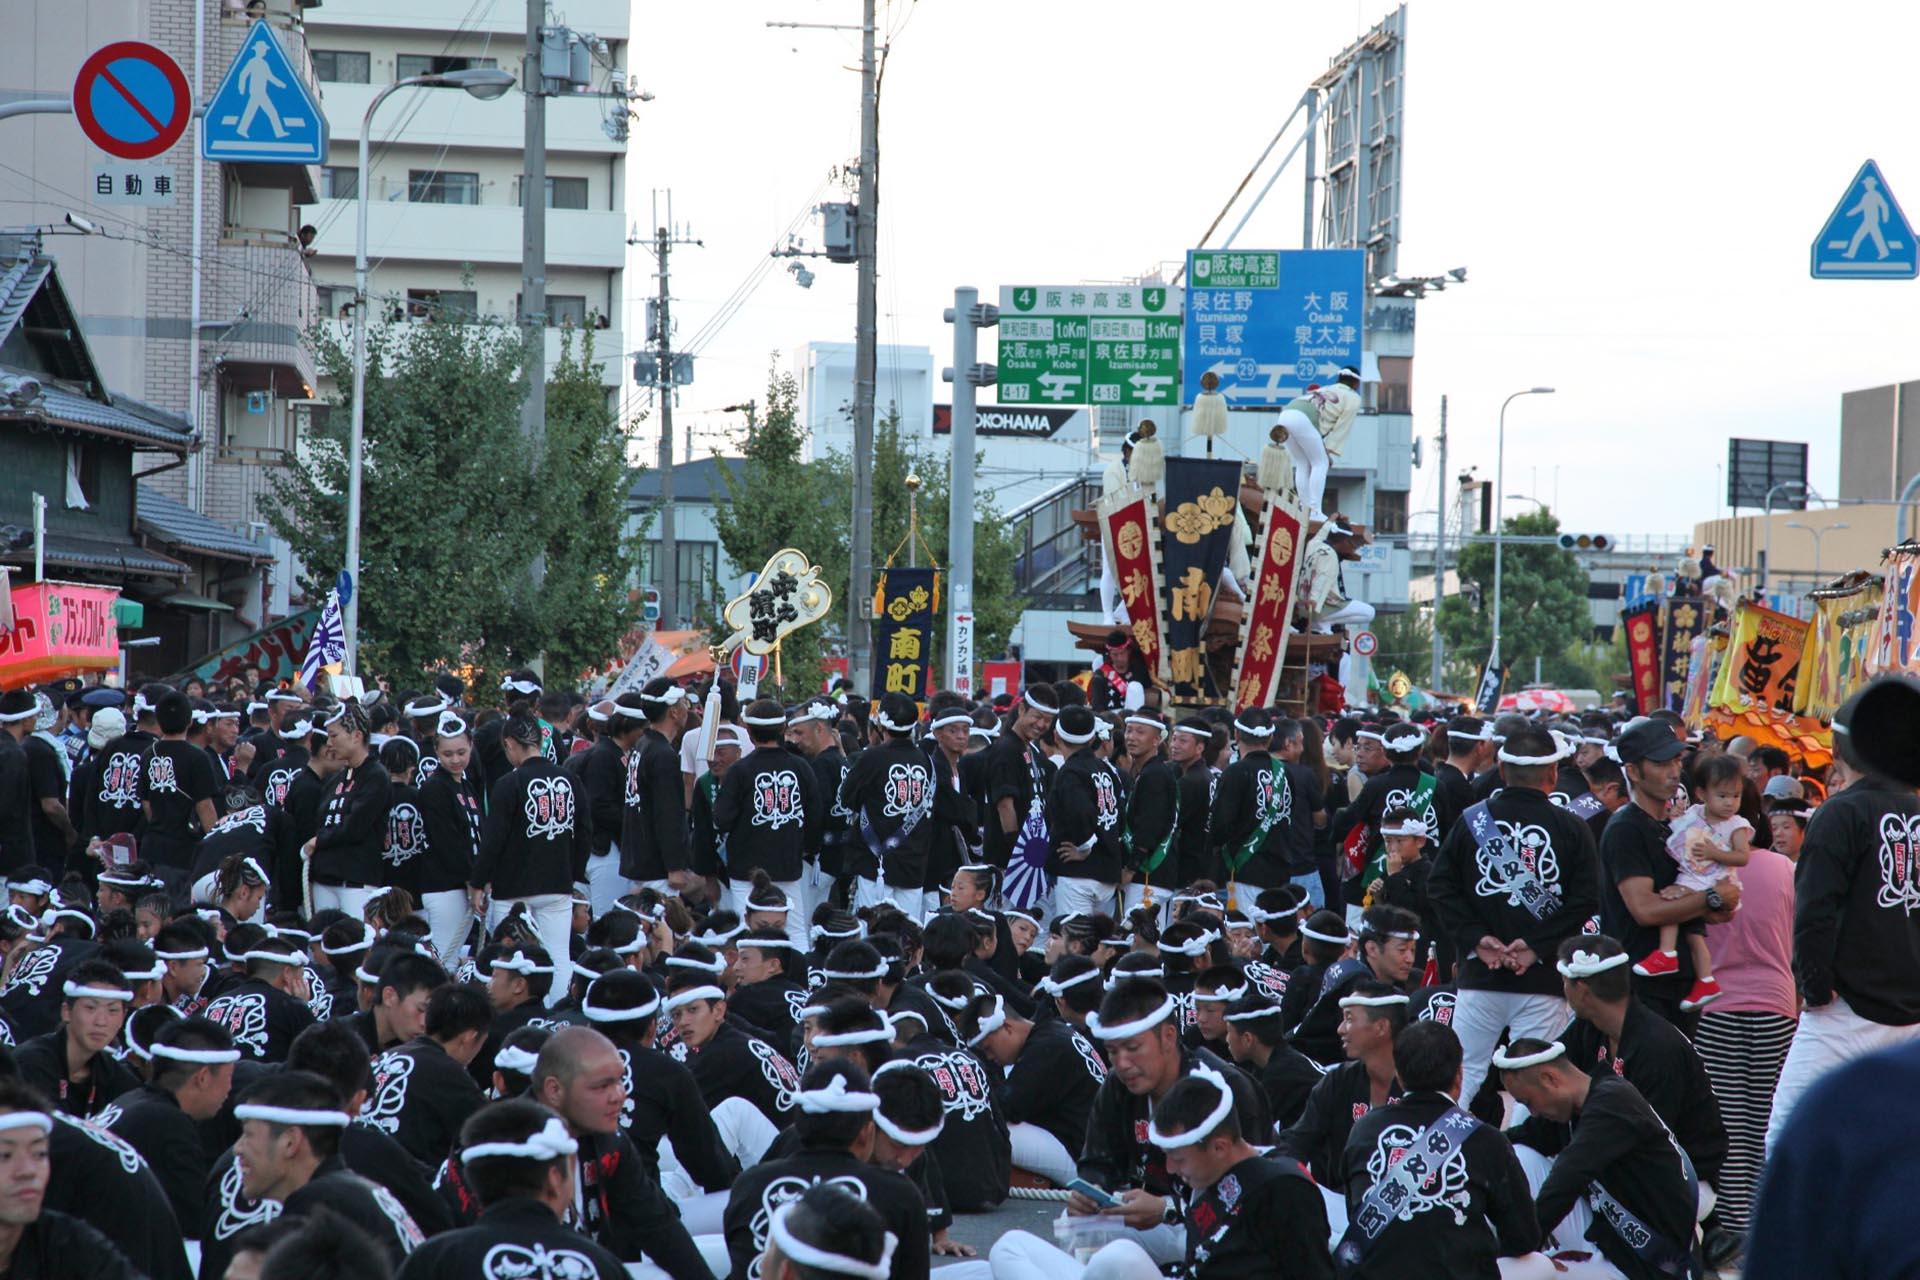 岸和田だんじり祭 大阪の風景